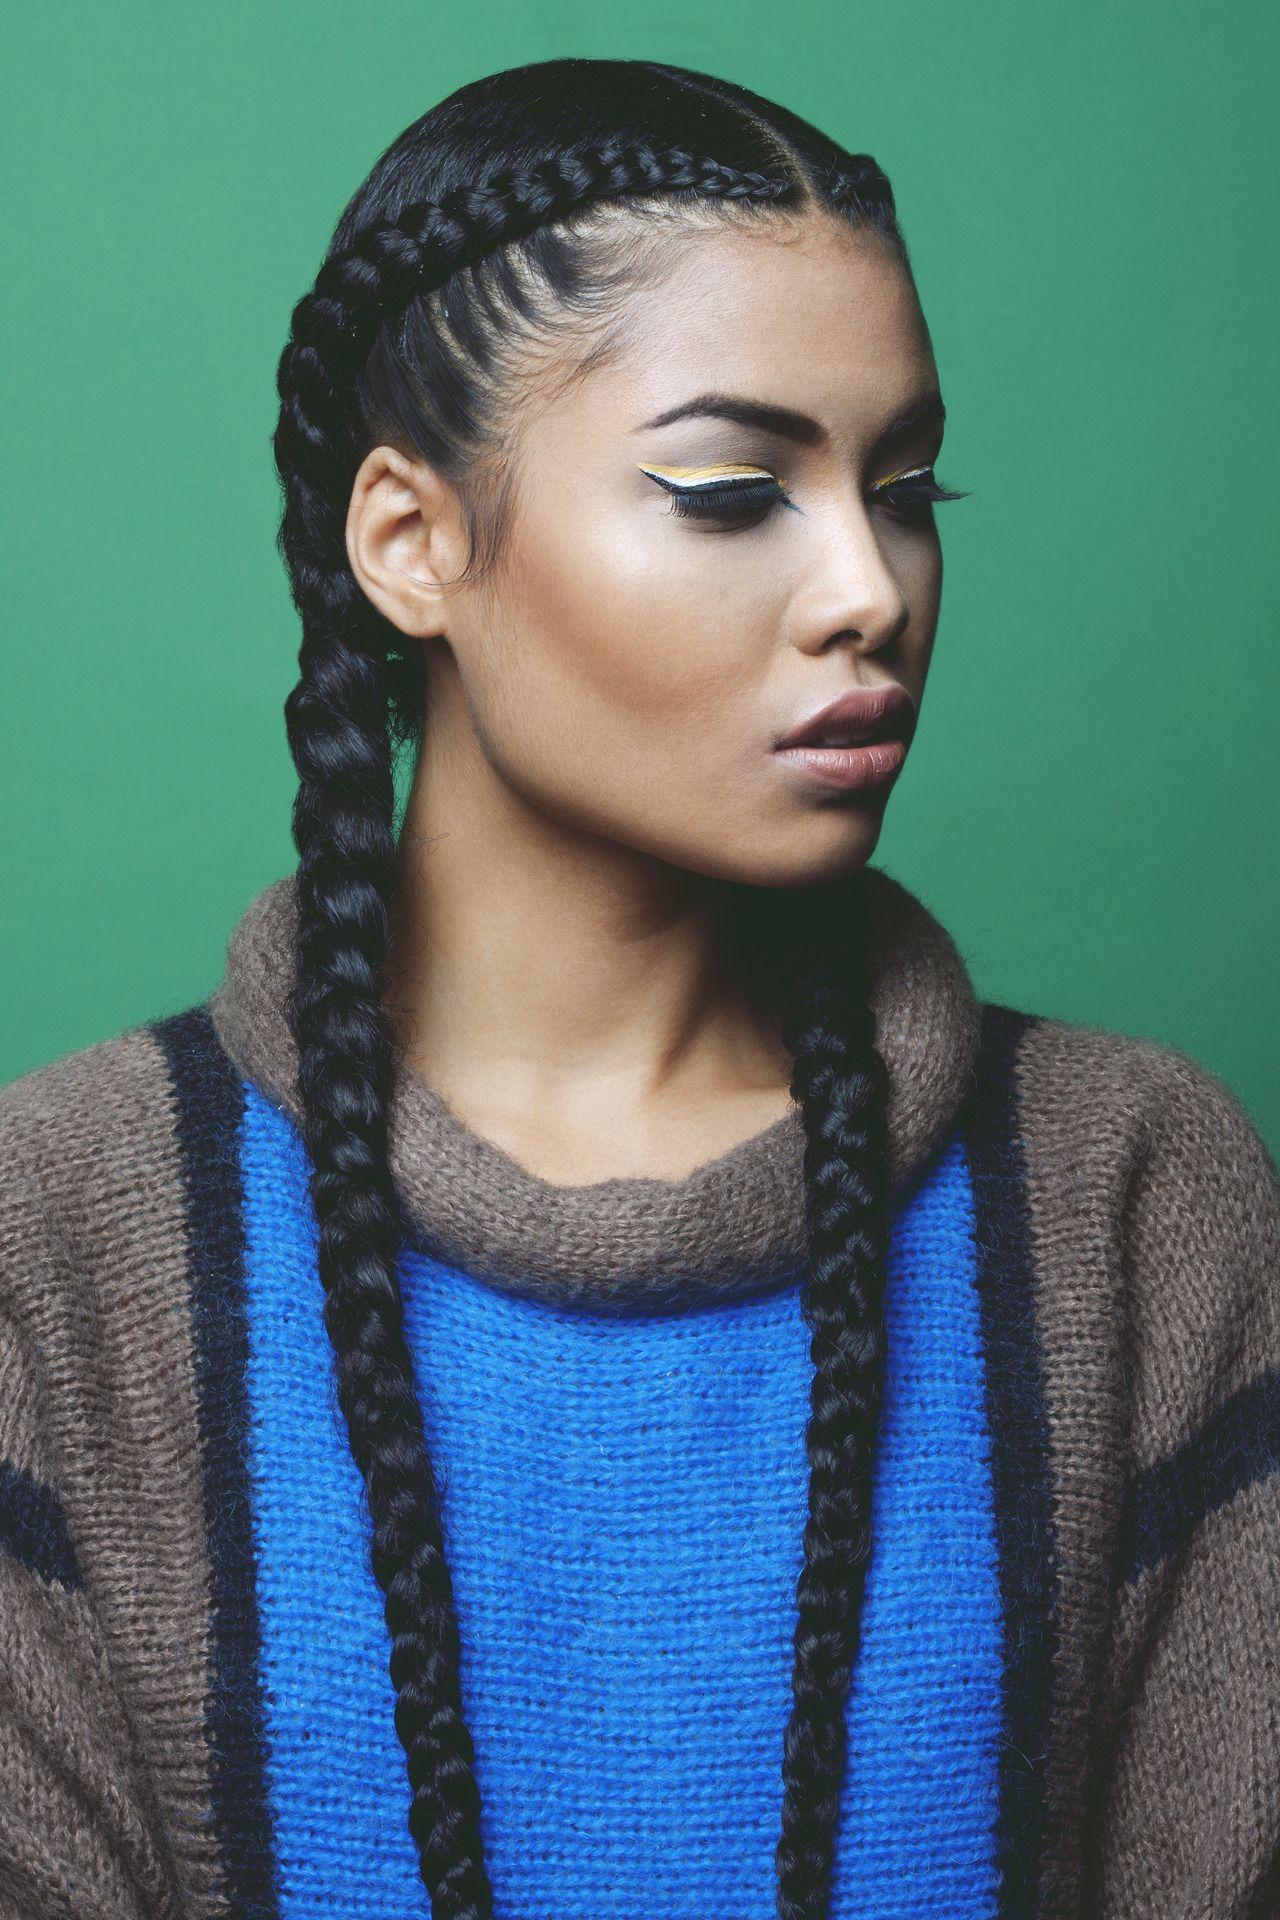 Beste natürliche Frisuren für schwarze Frauen Neu #beste #frauen